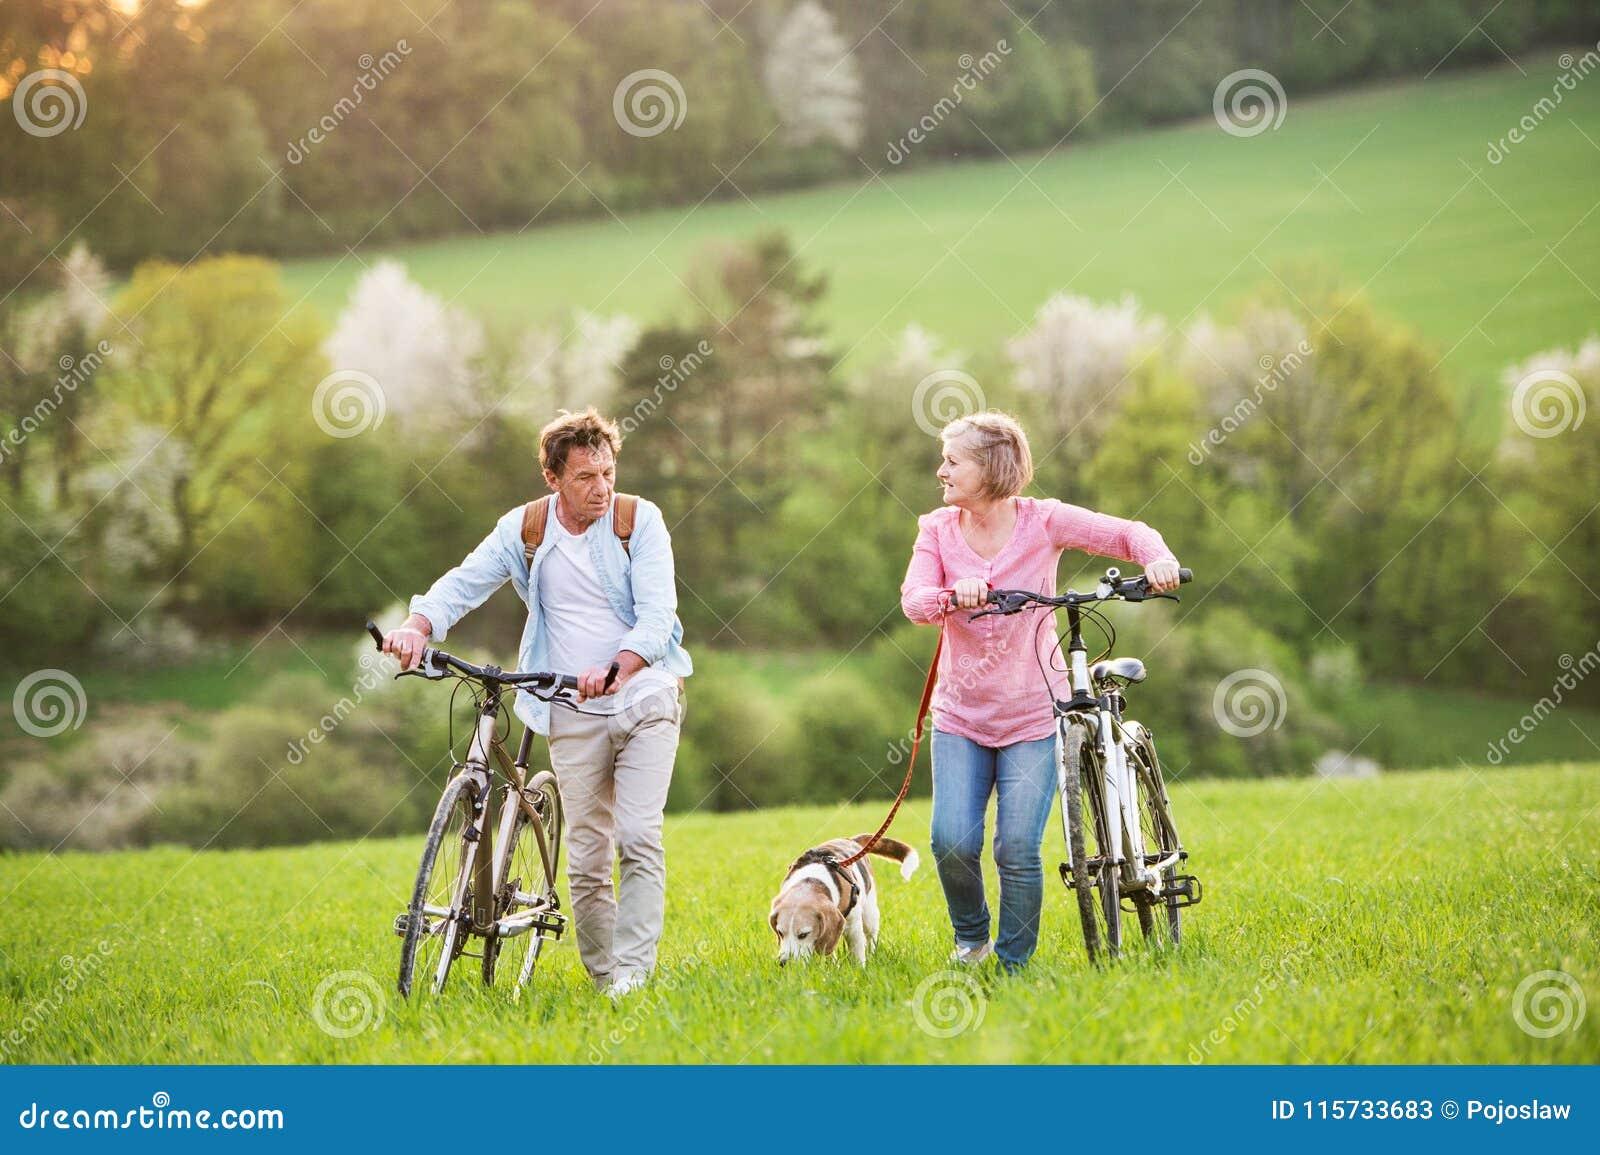 Mooi hoger paar met fietsen en hond buiten in de lenteaard